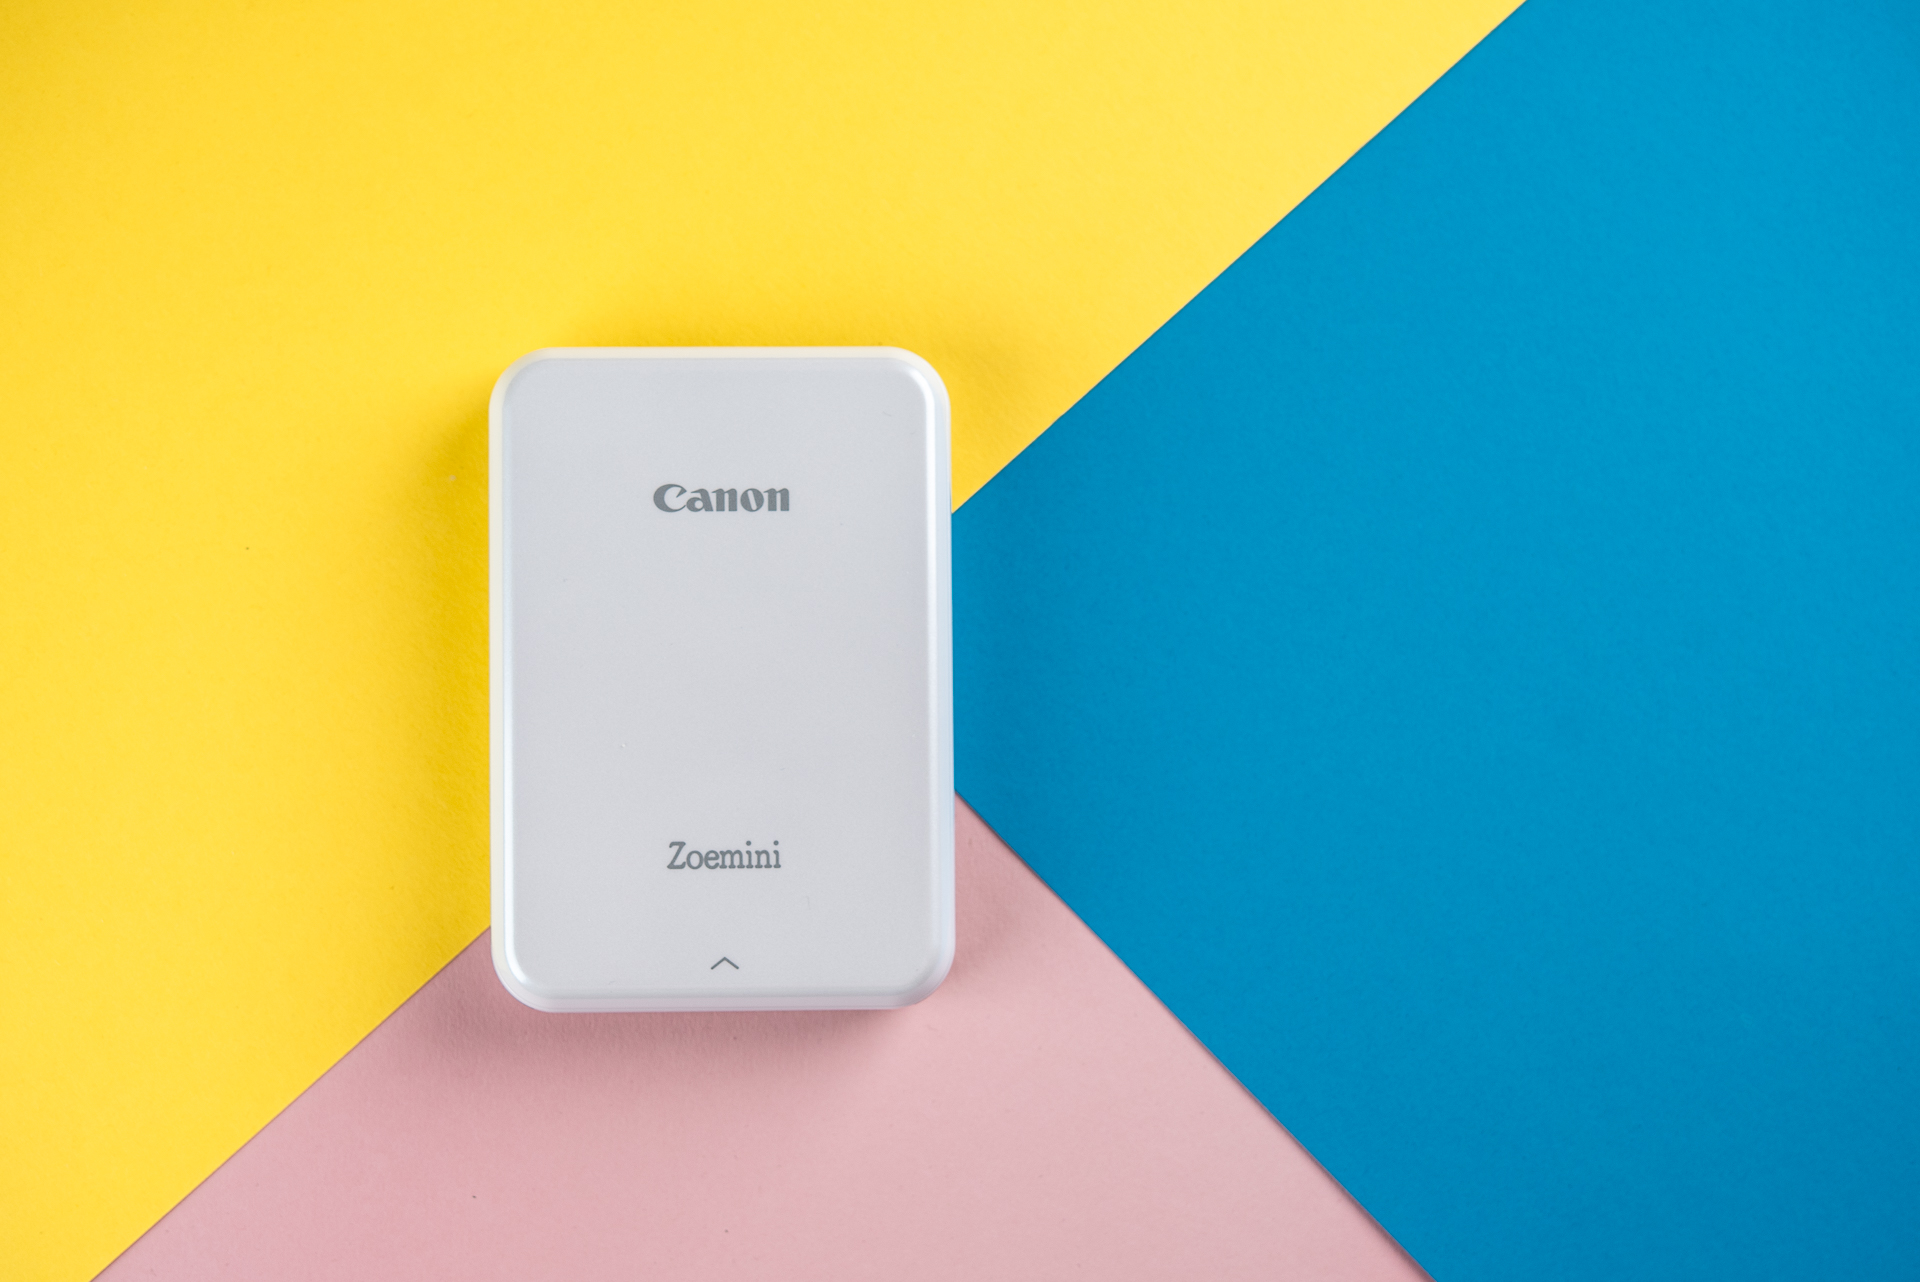 Canon Zoemini fotoprinter